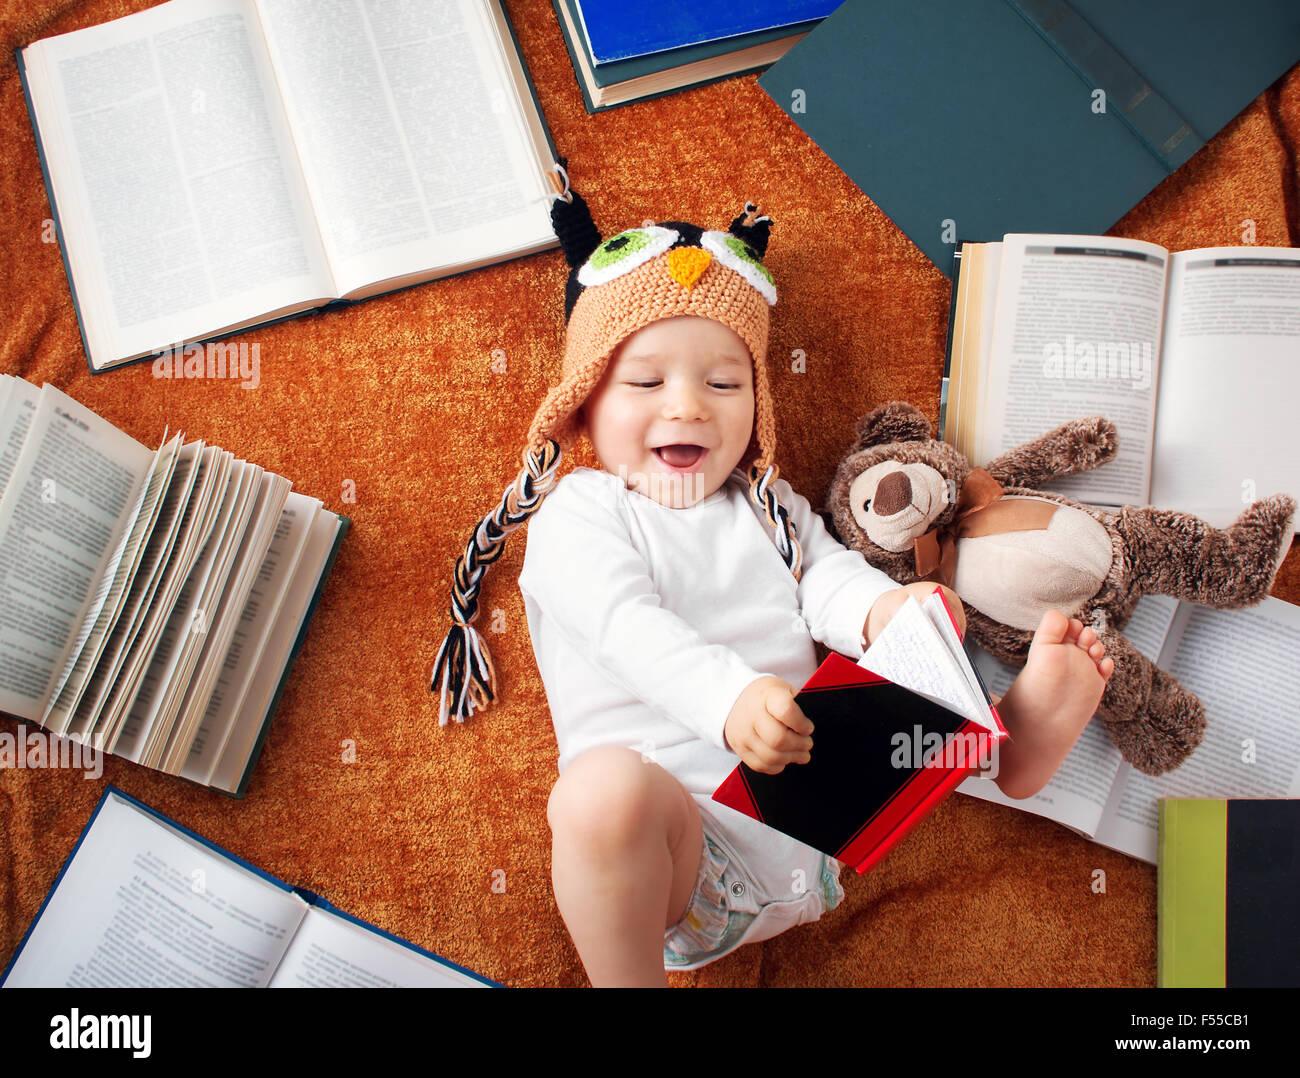 Un anno di età del bambino libri di lettura con Teddy bear Immagini Stock